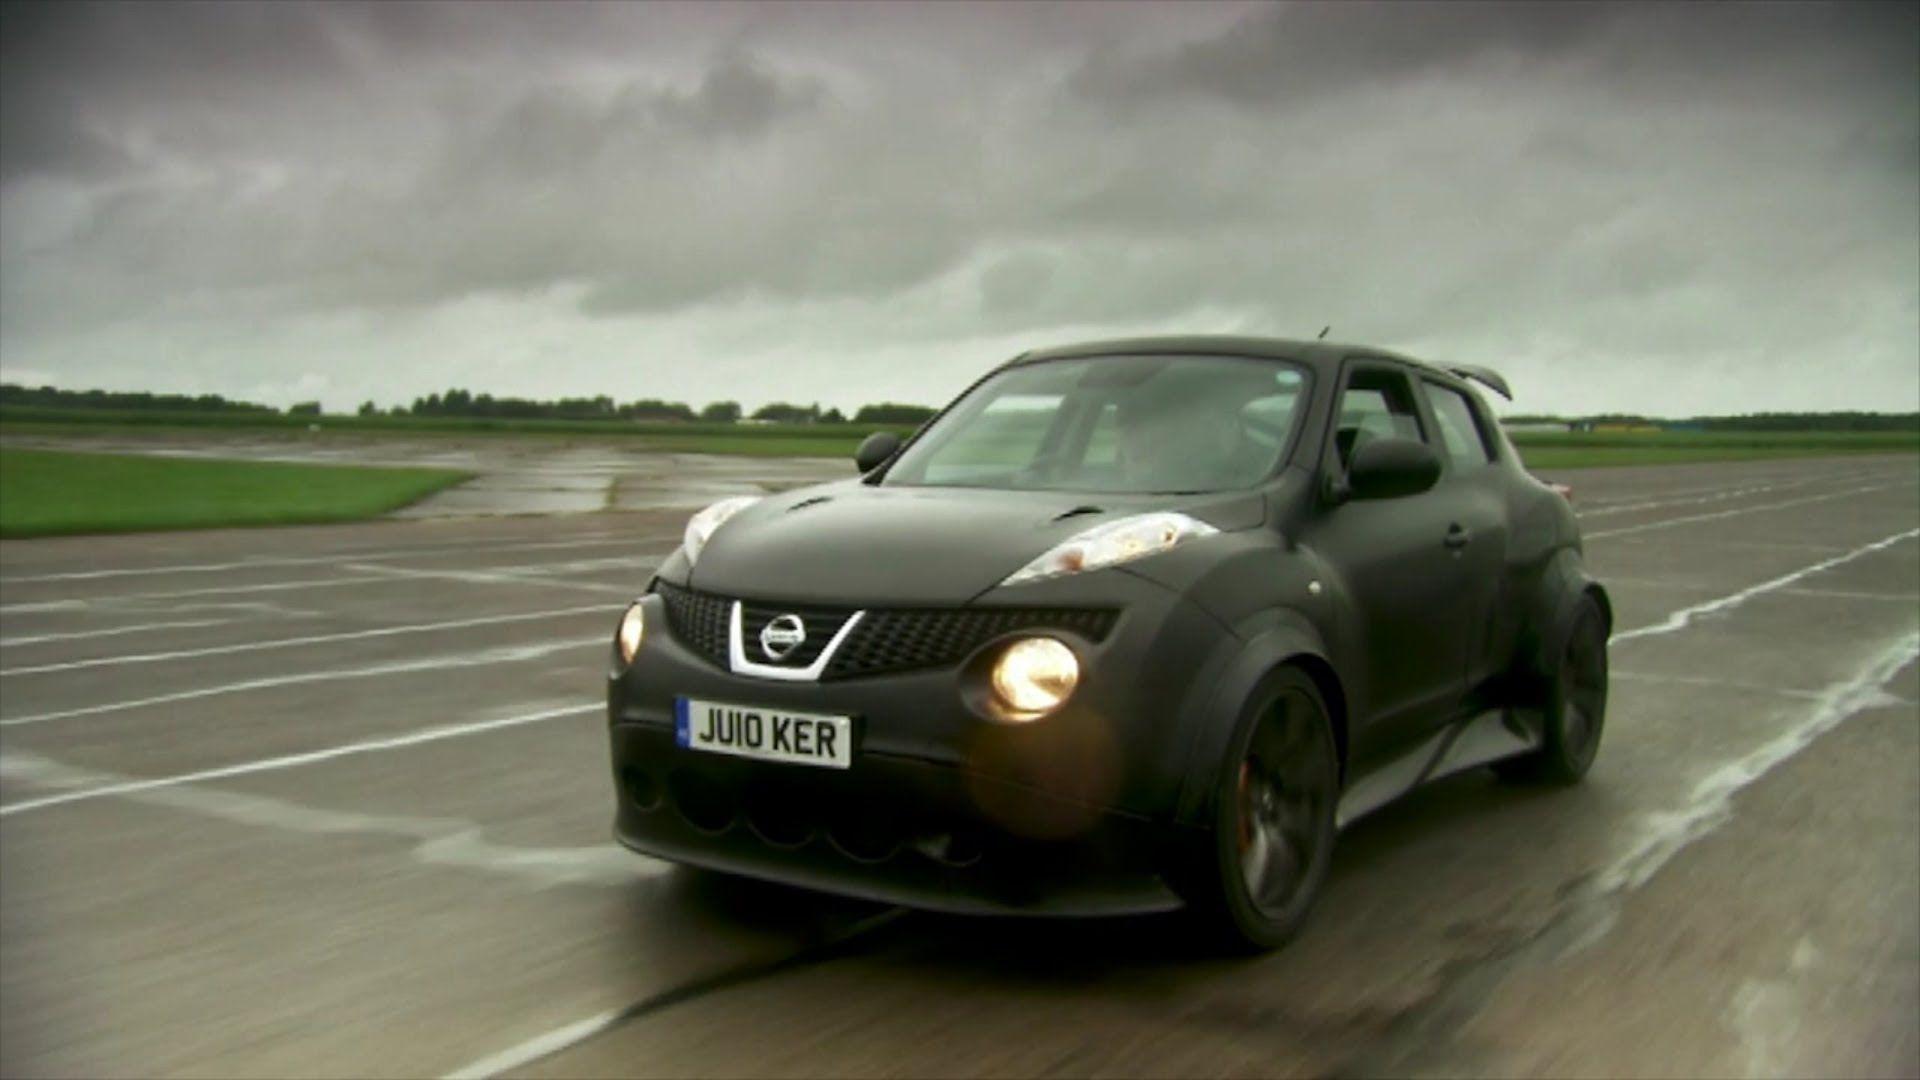 Nissan juker test drive fifth gear fifth gear nissan